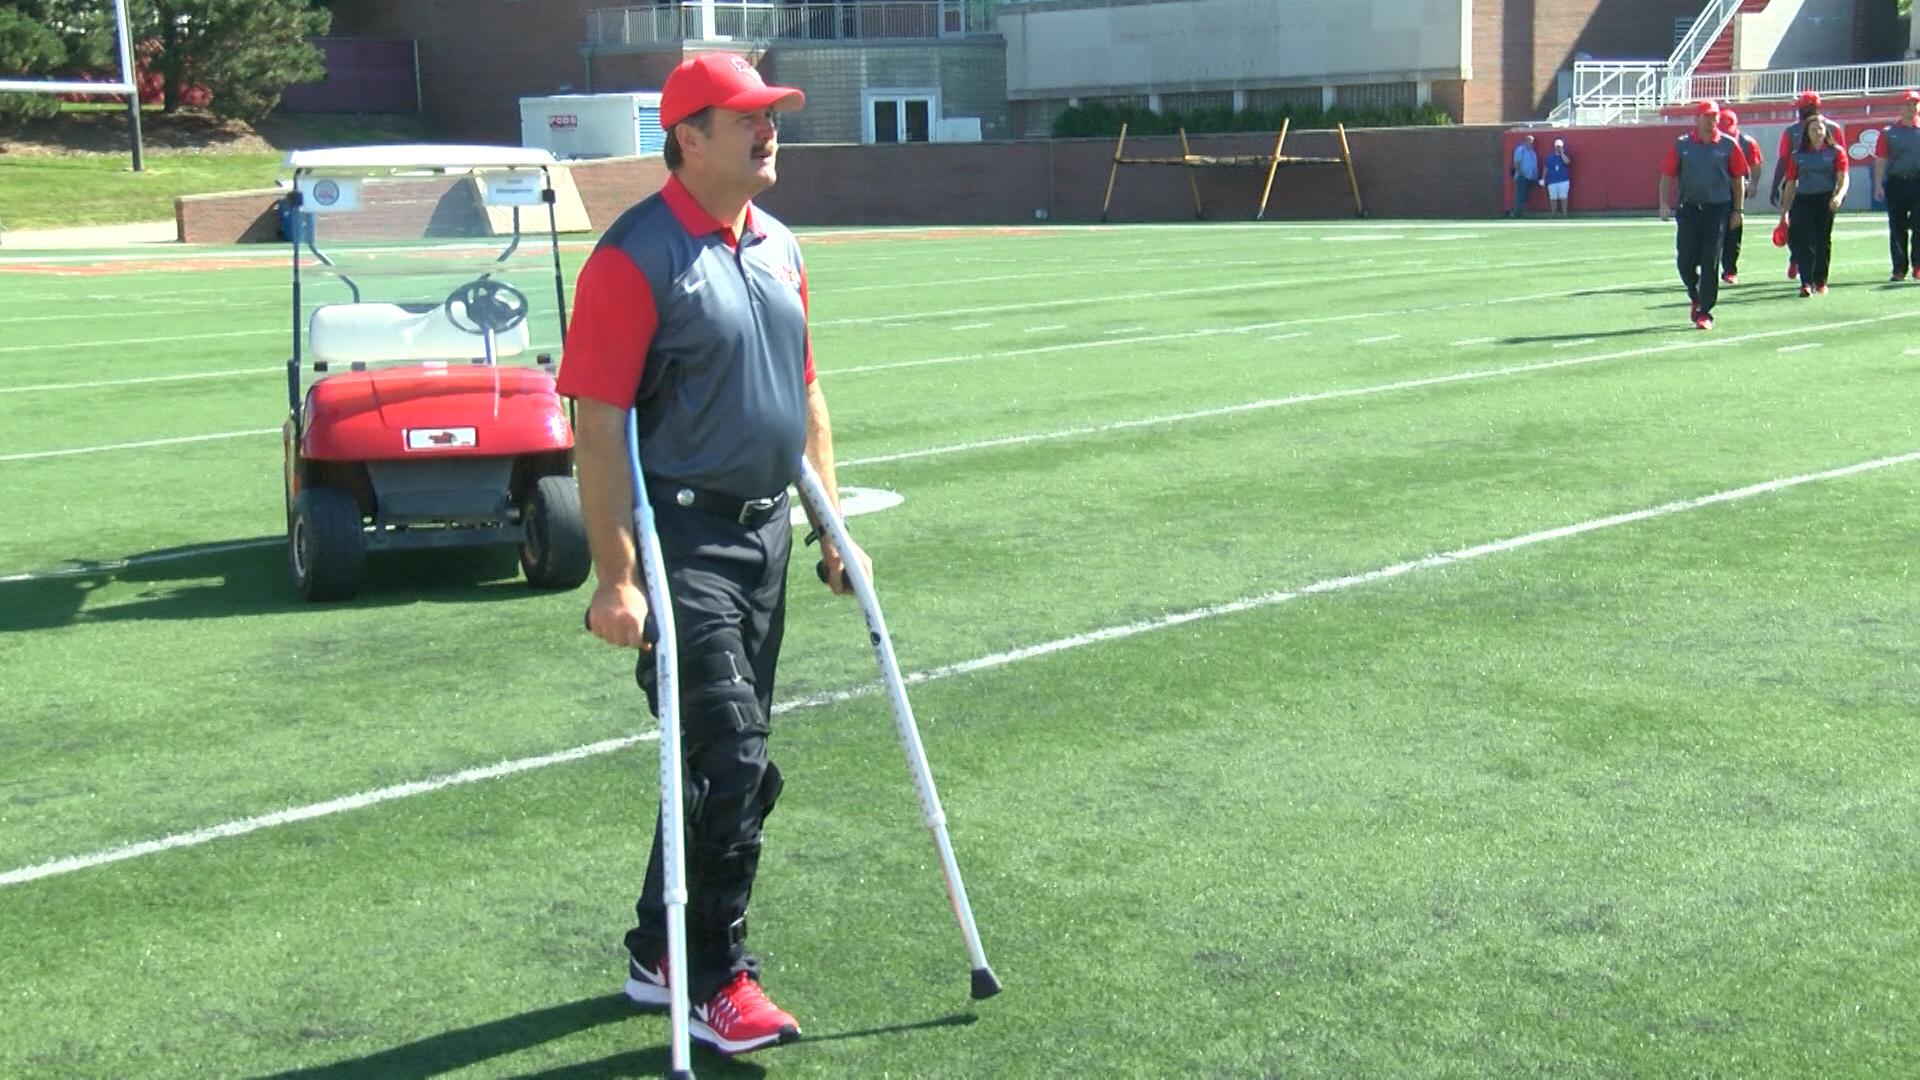 Brock Spack on crutches_1470888328165.jpg